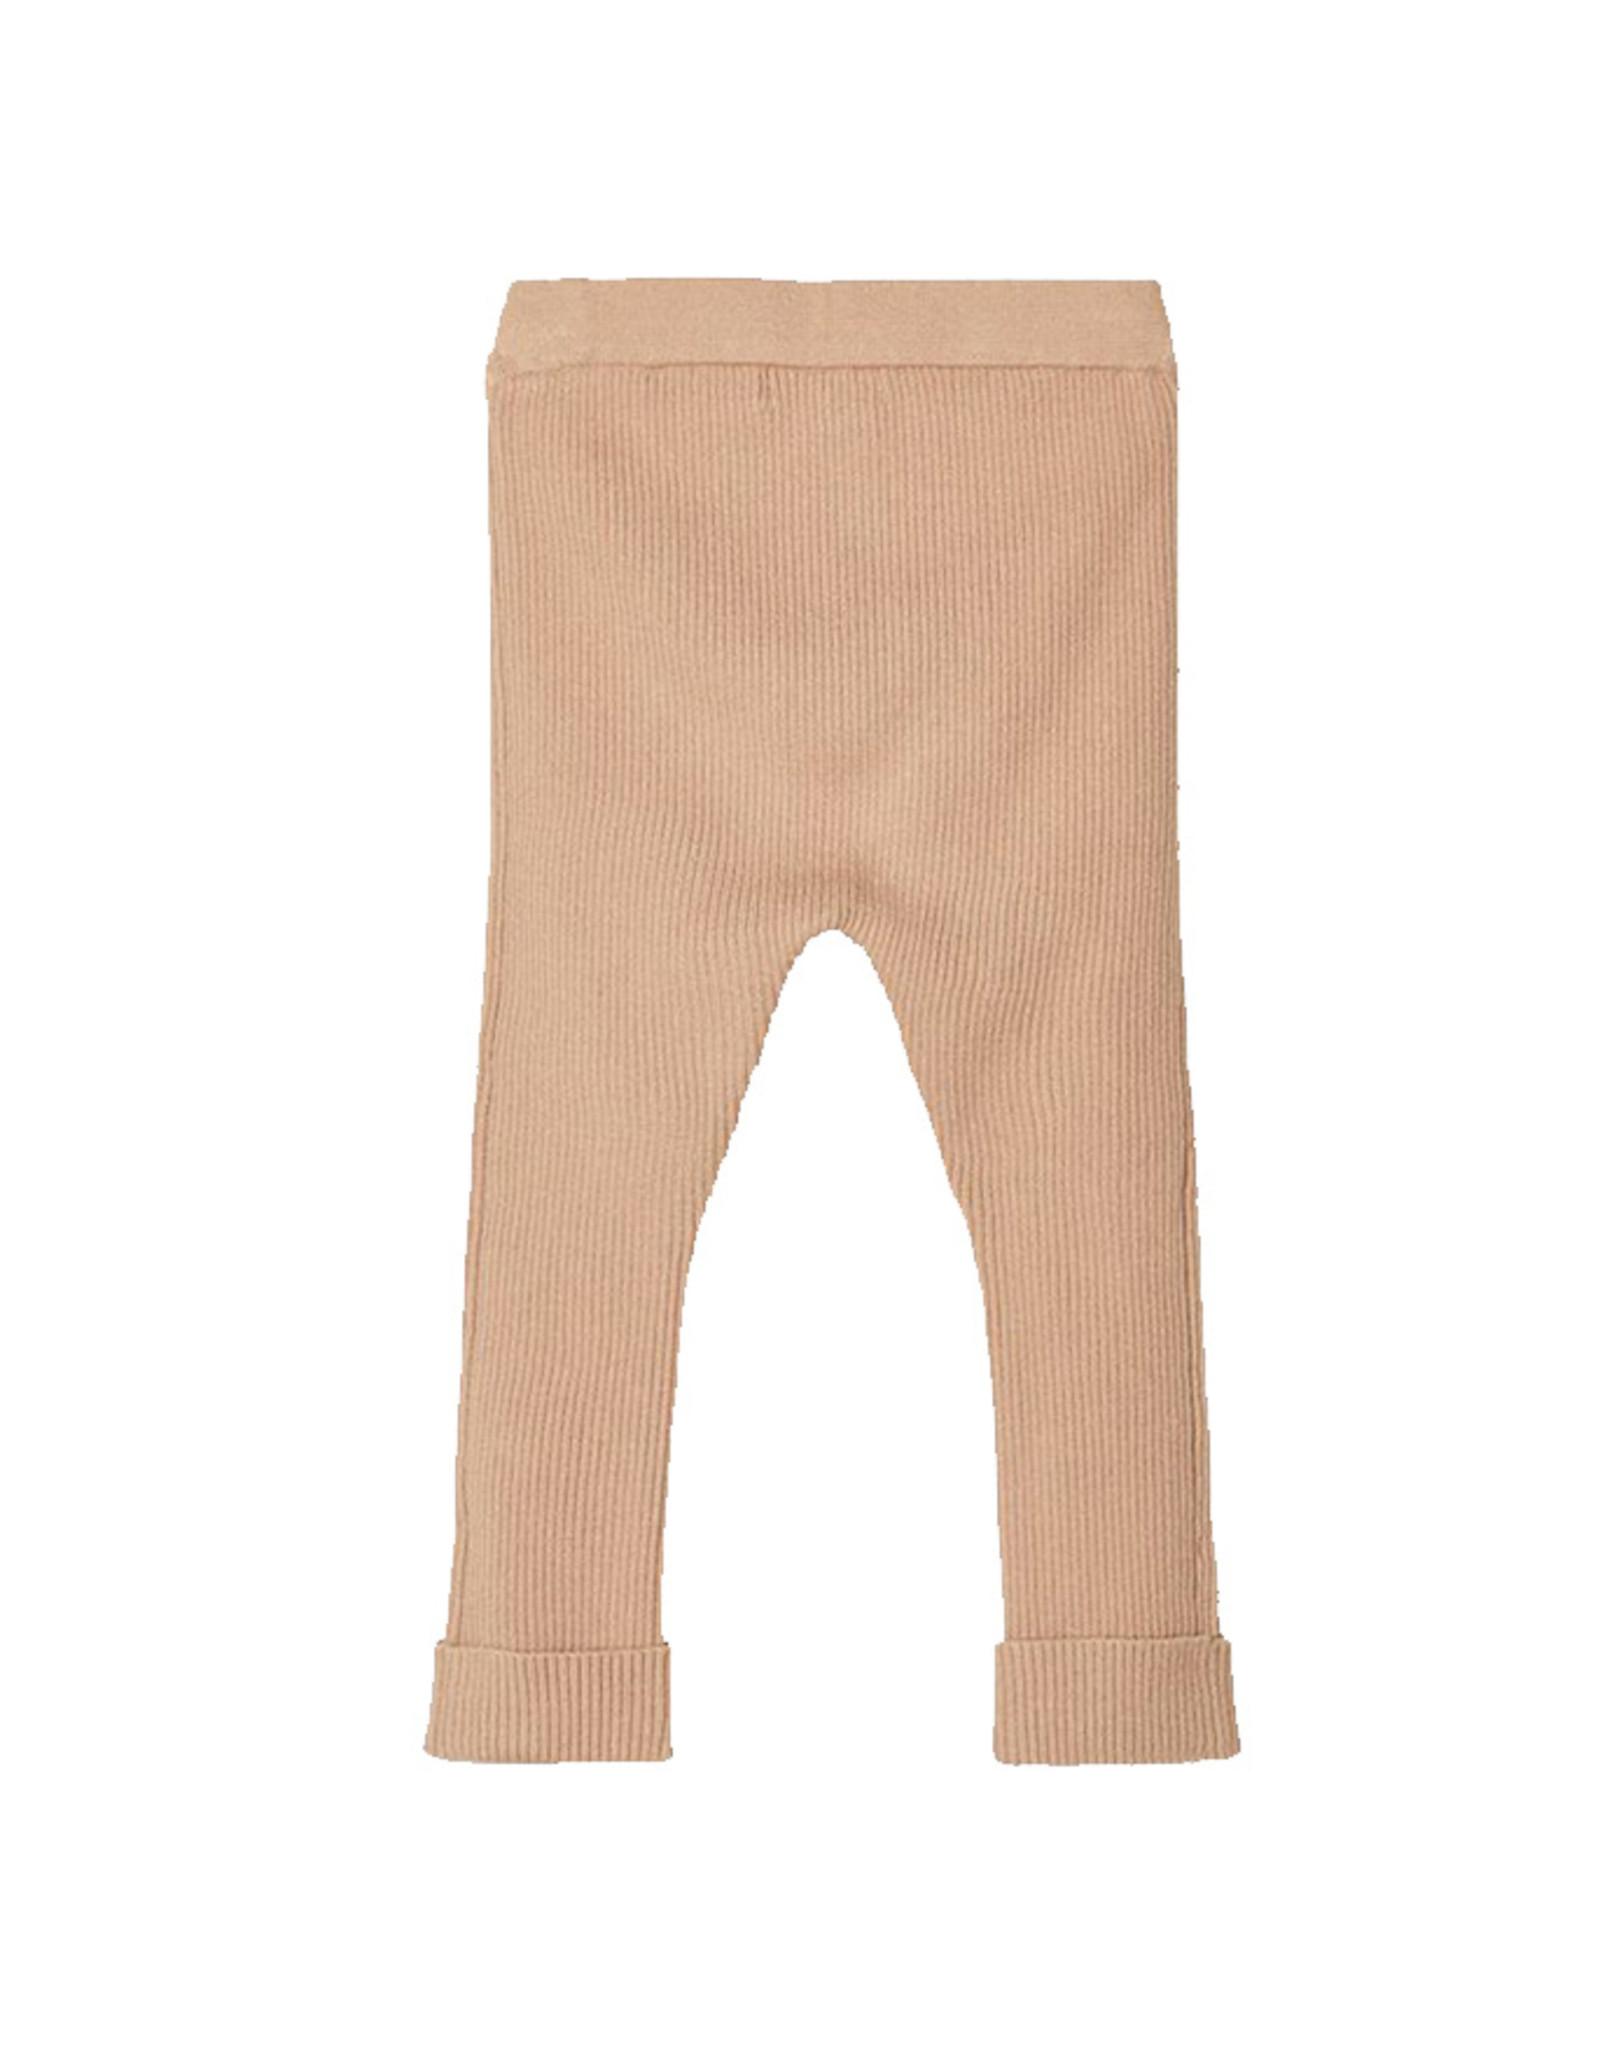 Selia Knit Legging  Beige